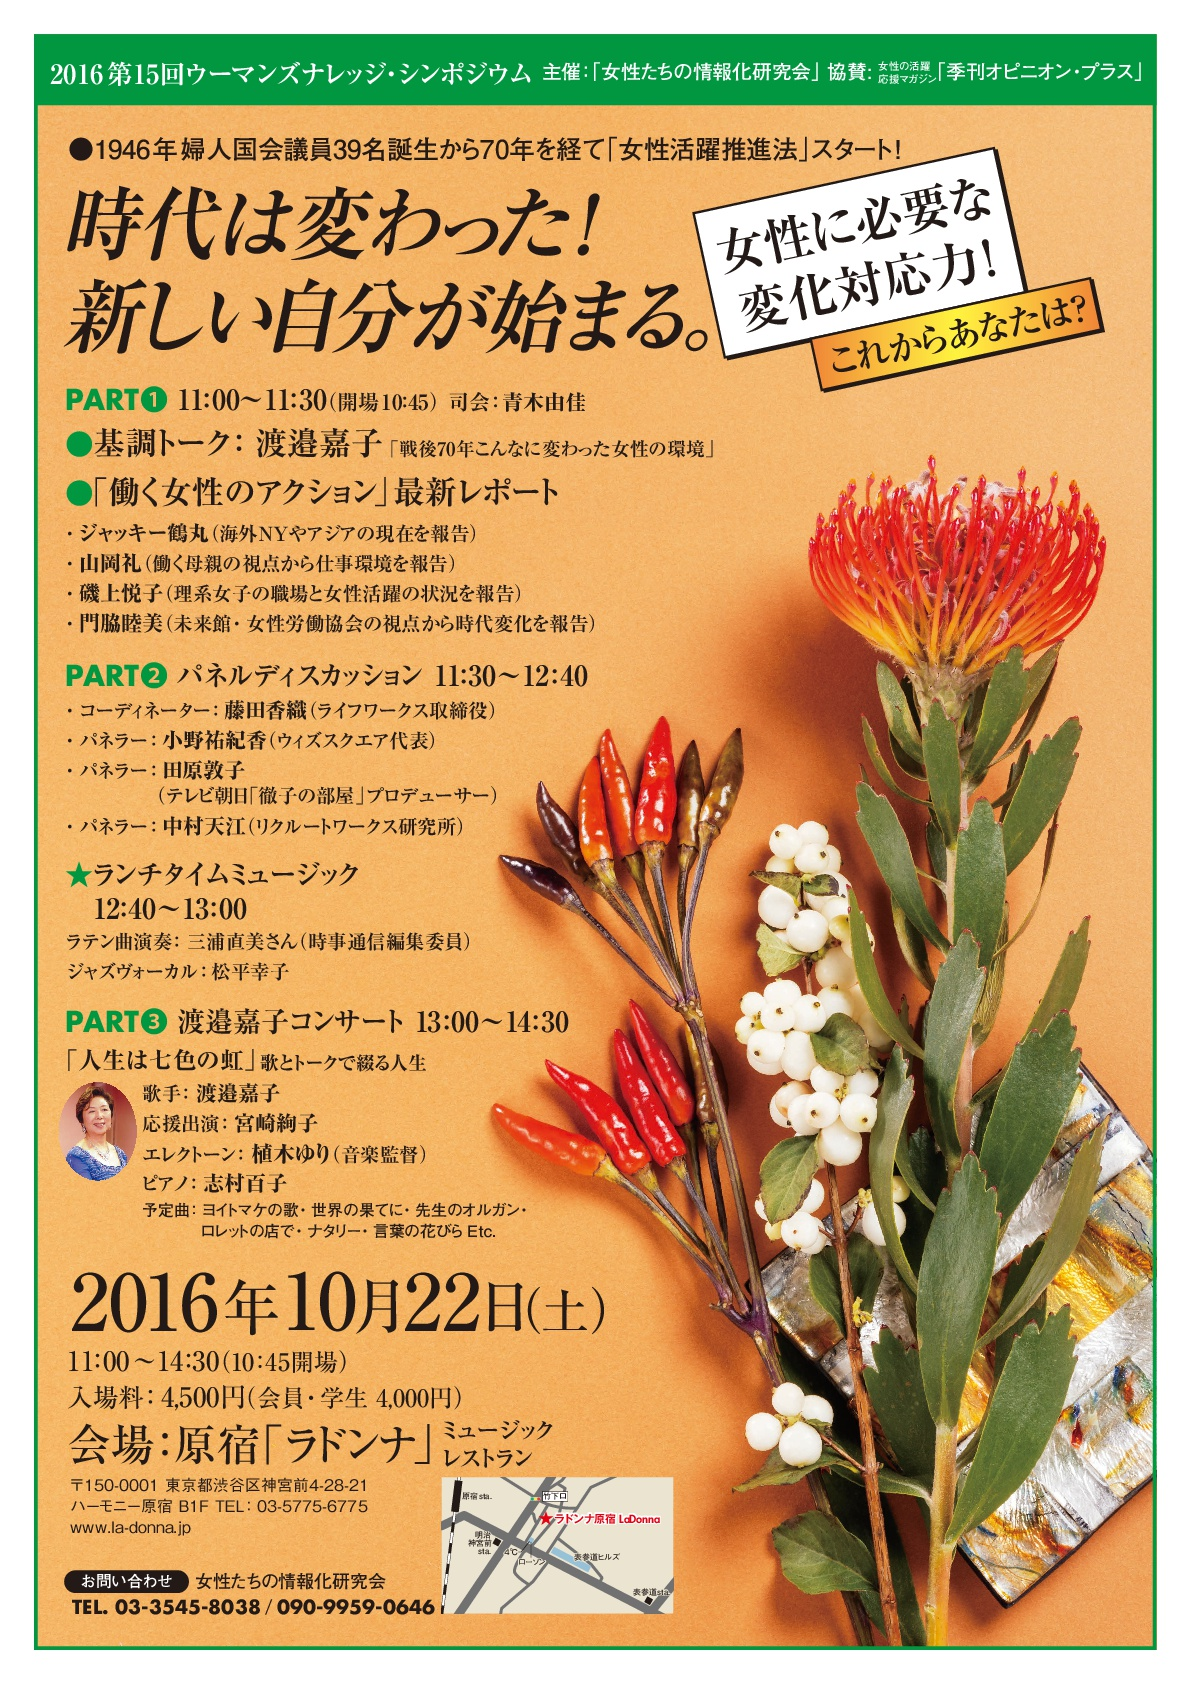 「人生は七色の虹」人生を歌とトークで綴る 渡邉嘉子コンサート